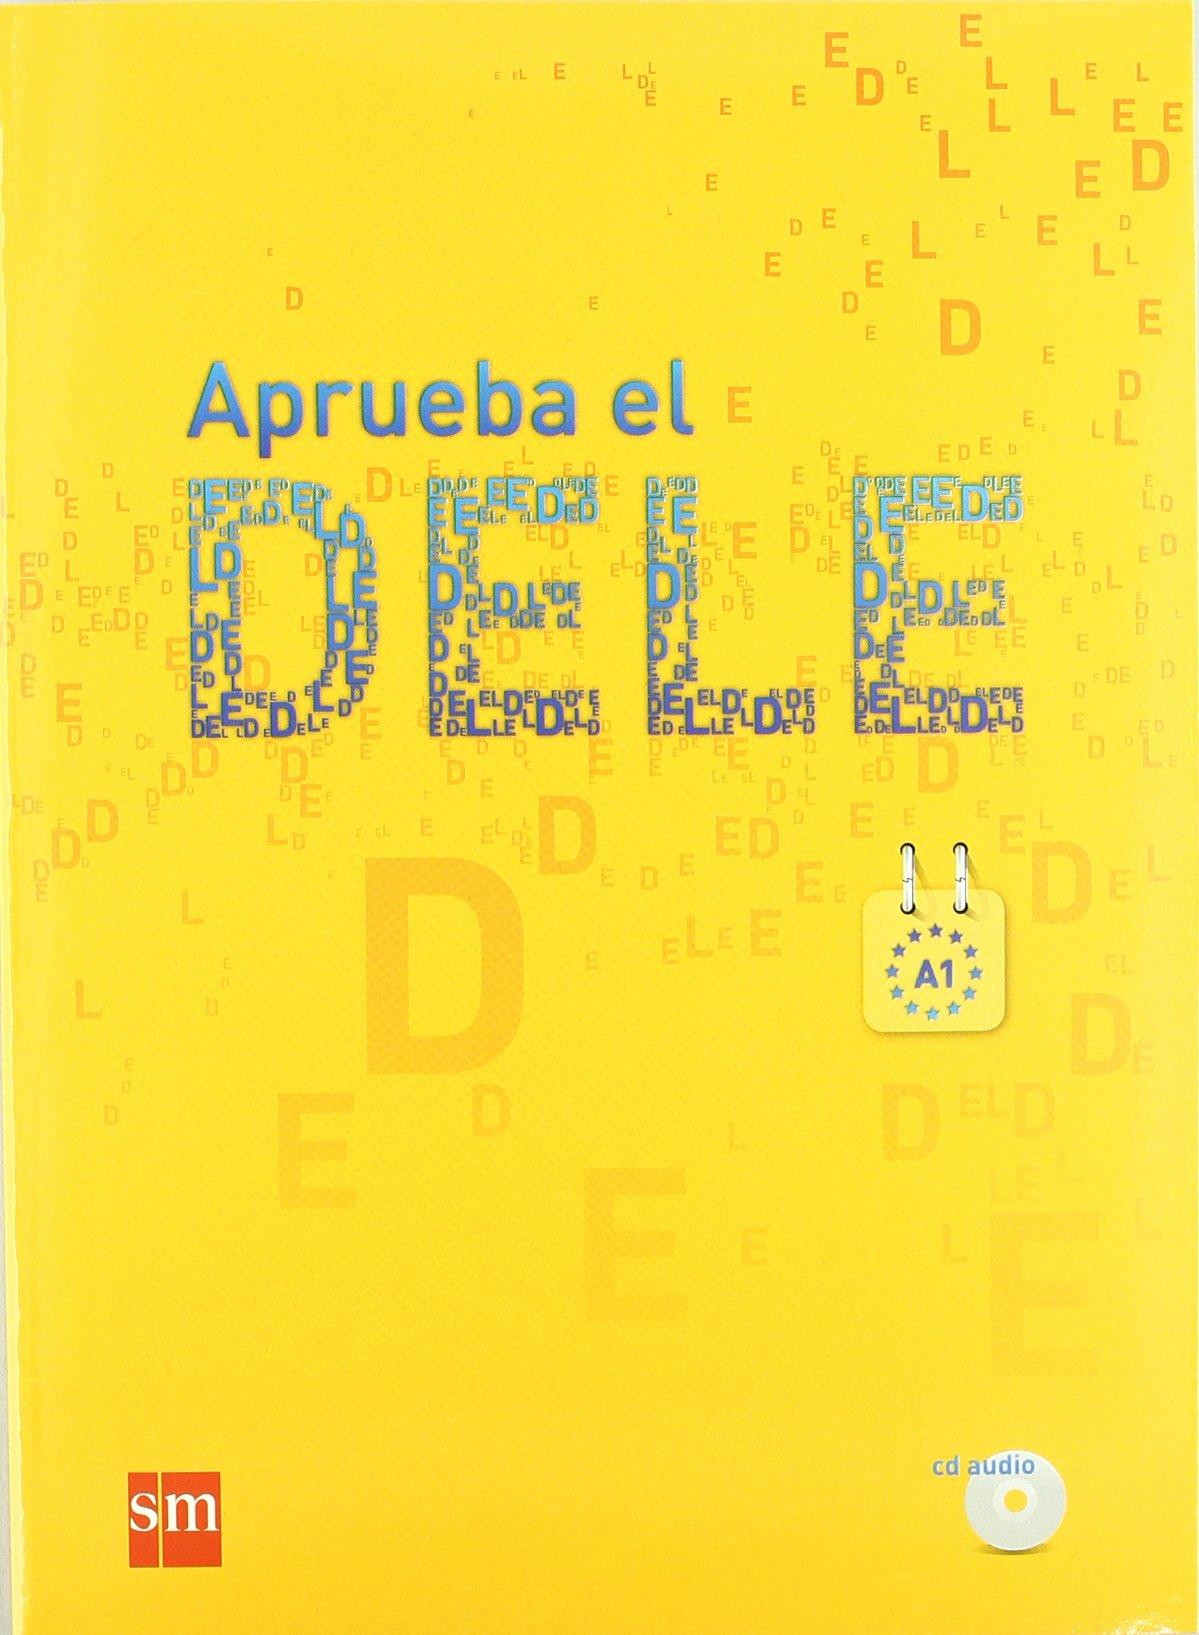 Aprueba el DELE A1 +D